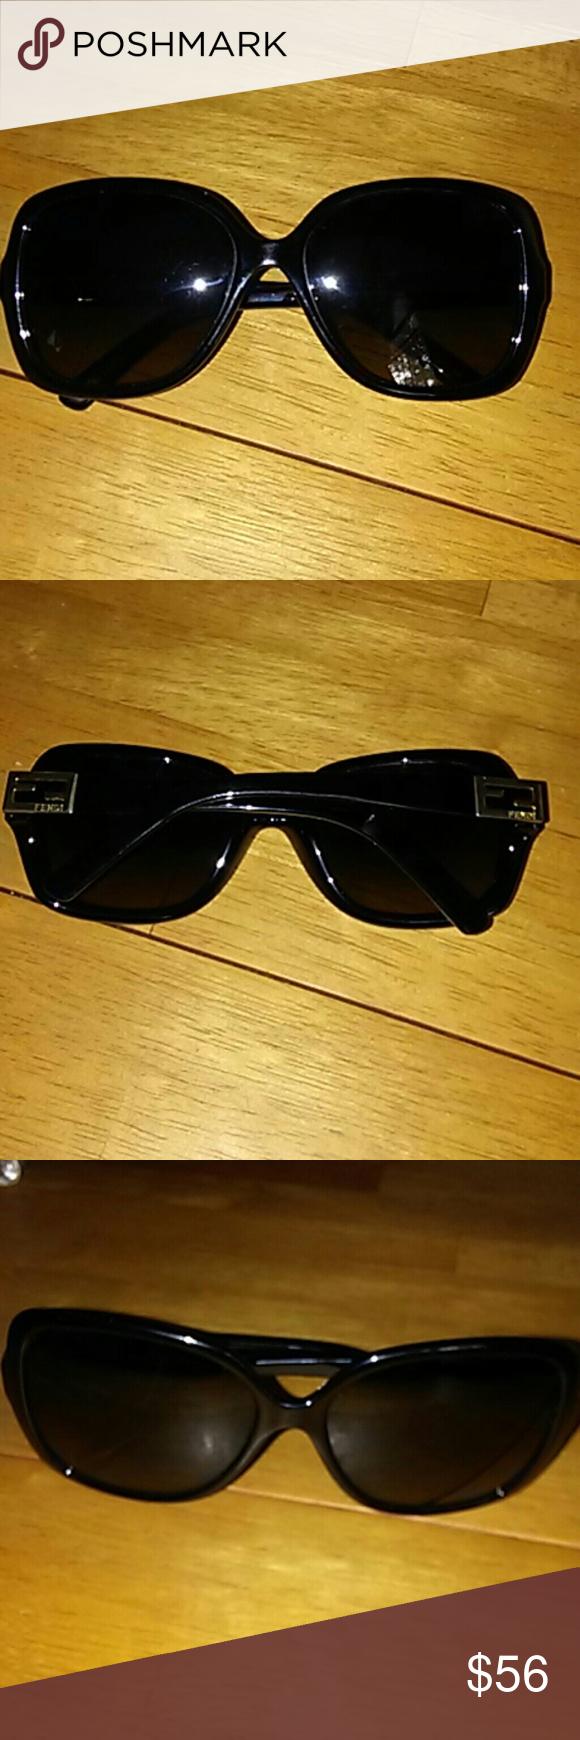 841cedc873 Fendi sunglasses FS 5227 Nice black sunglasses Fendi Accessories Sunglasses